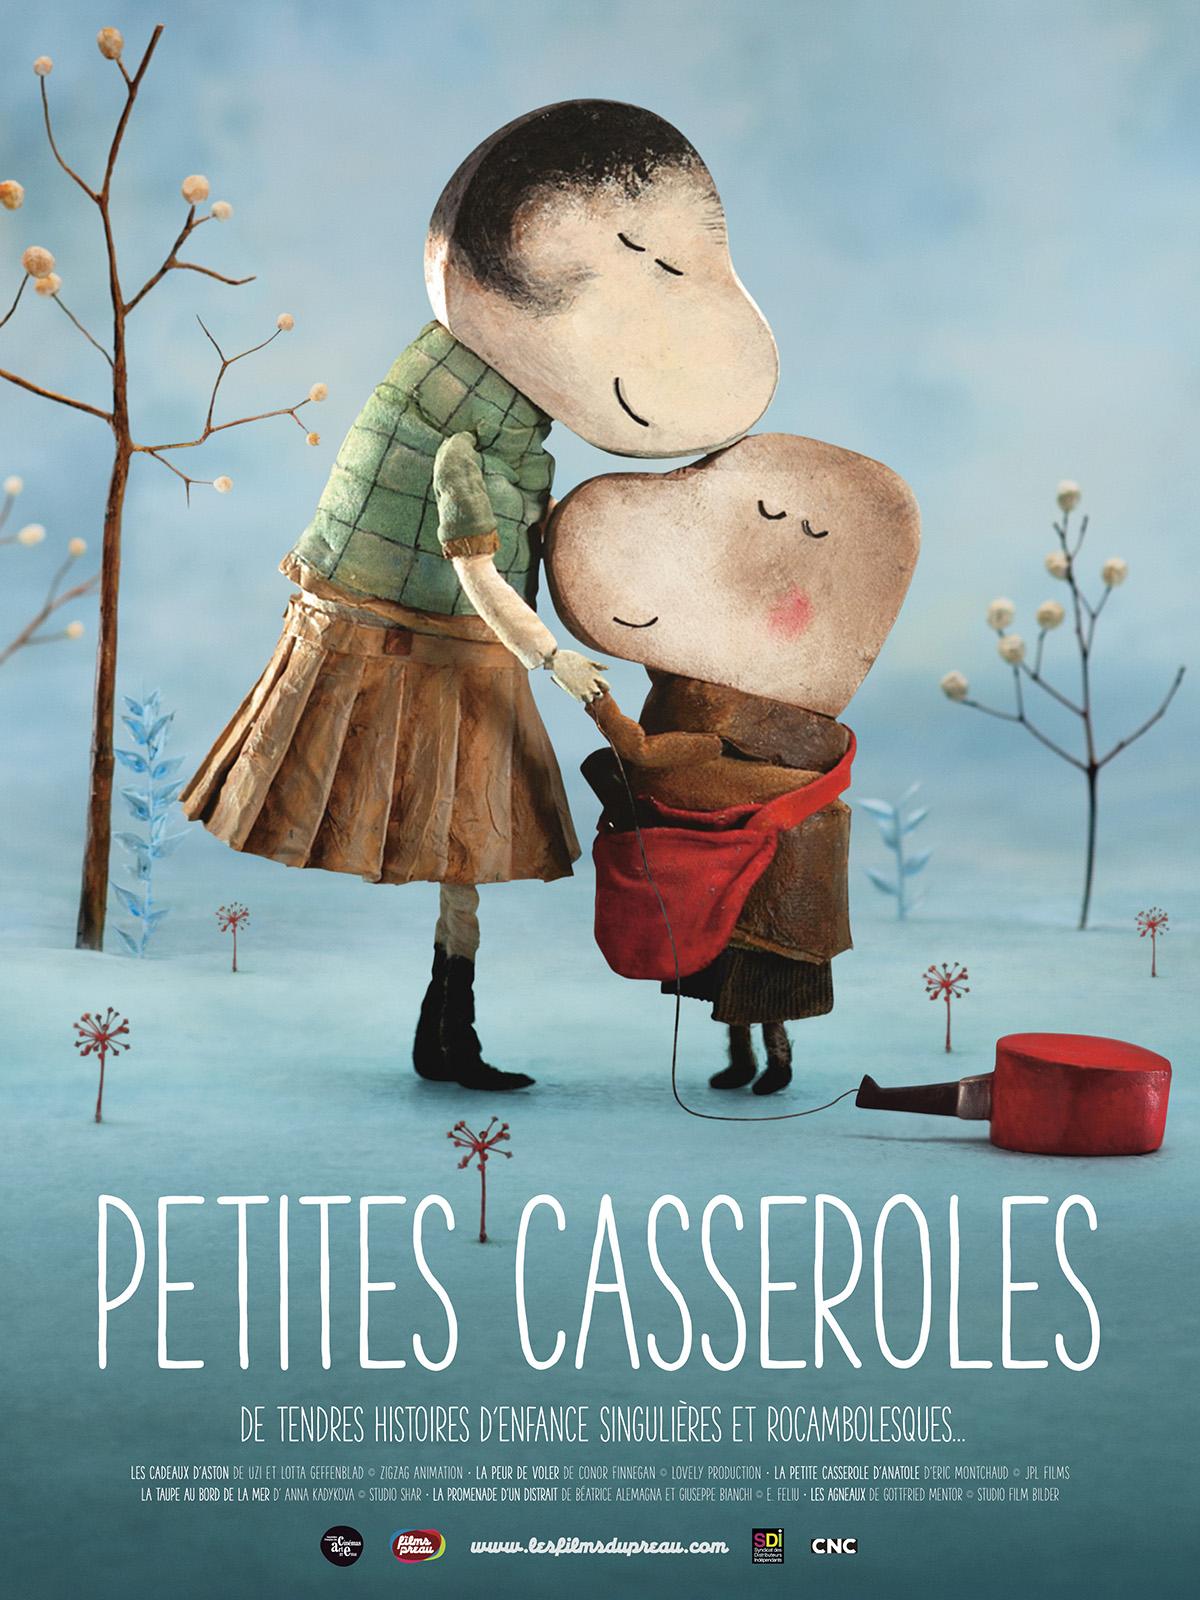 PETITES CASSEROLES